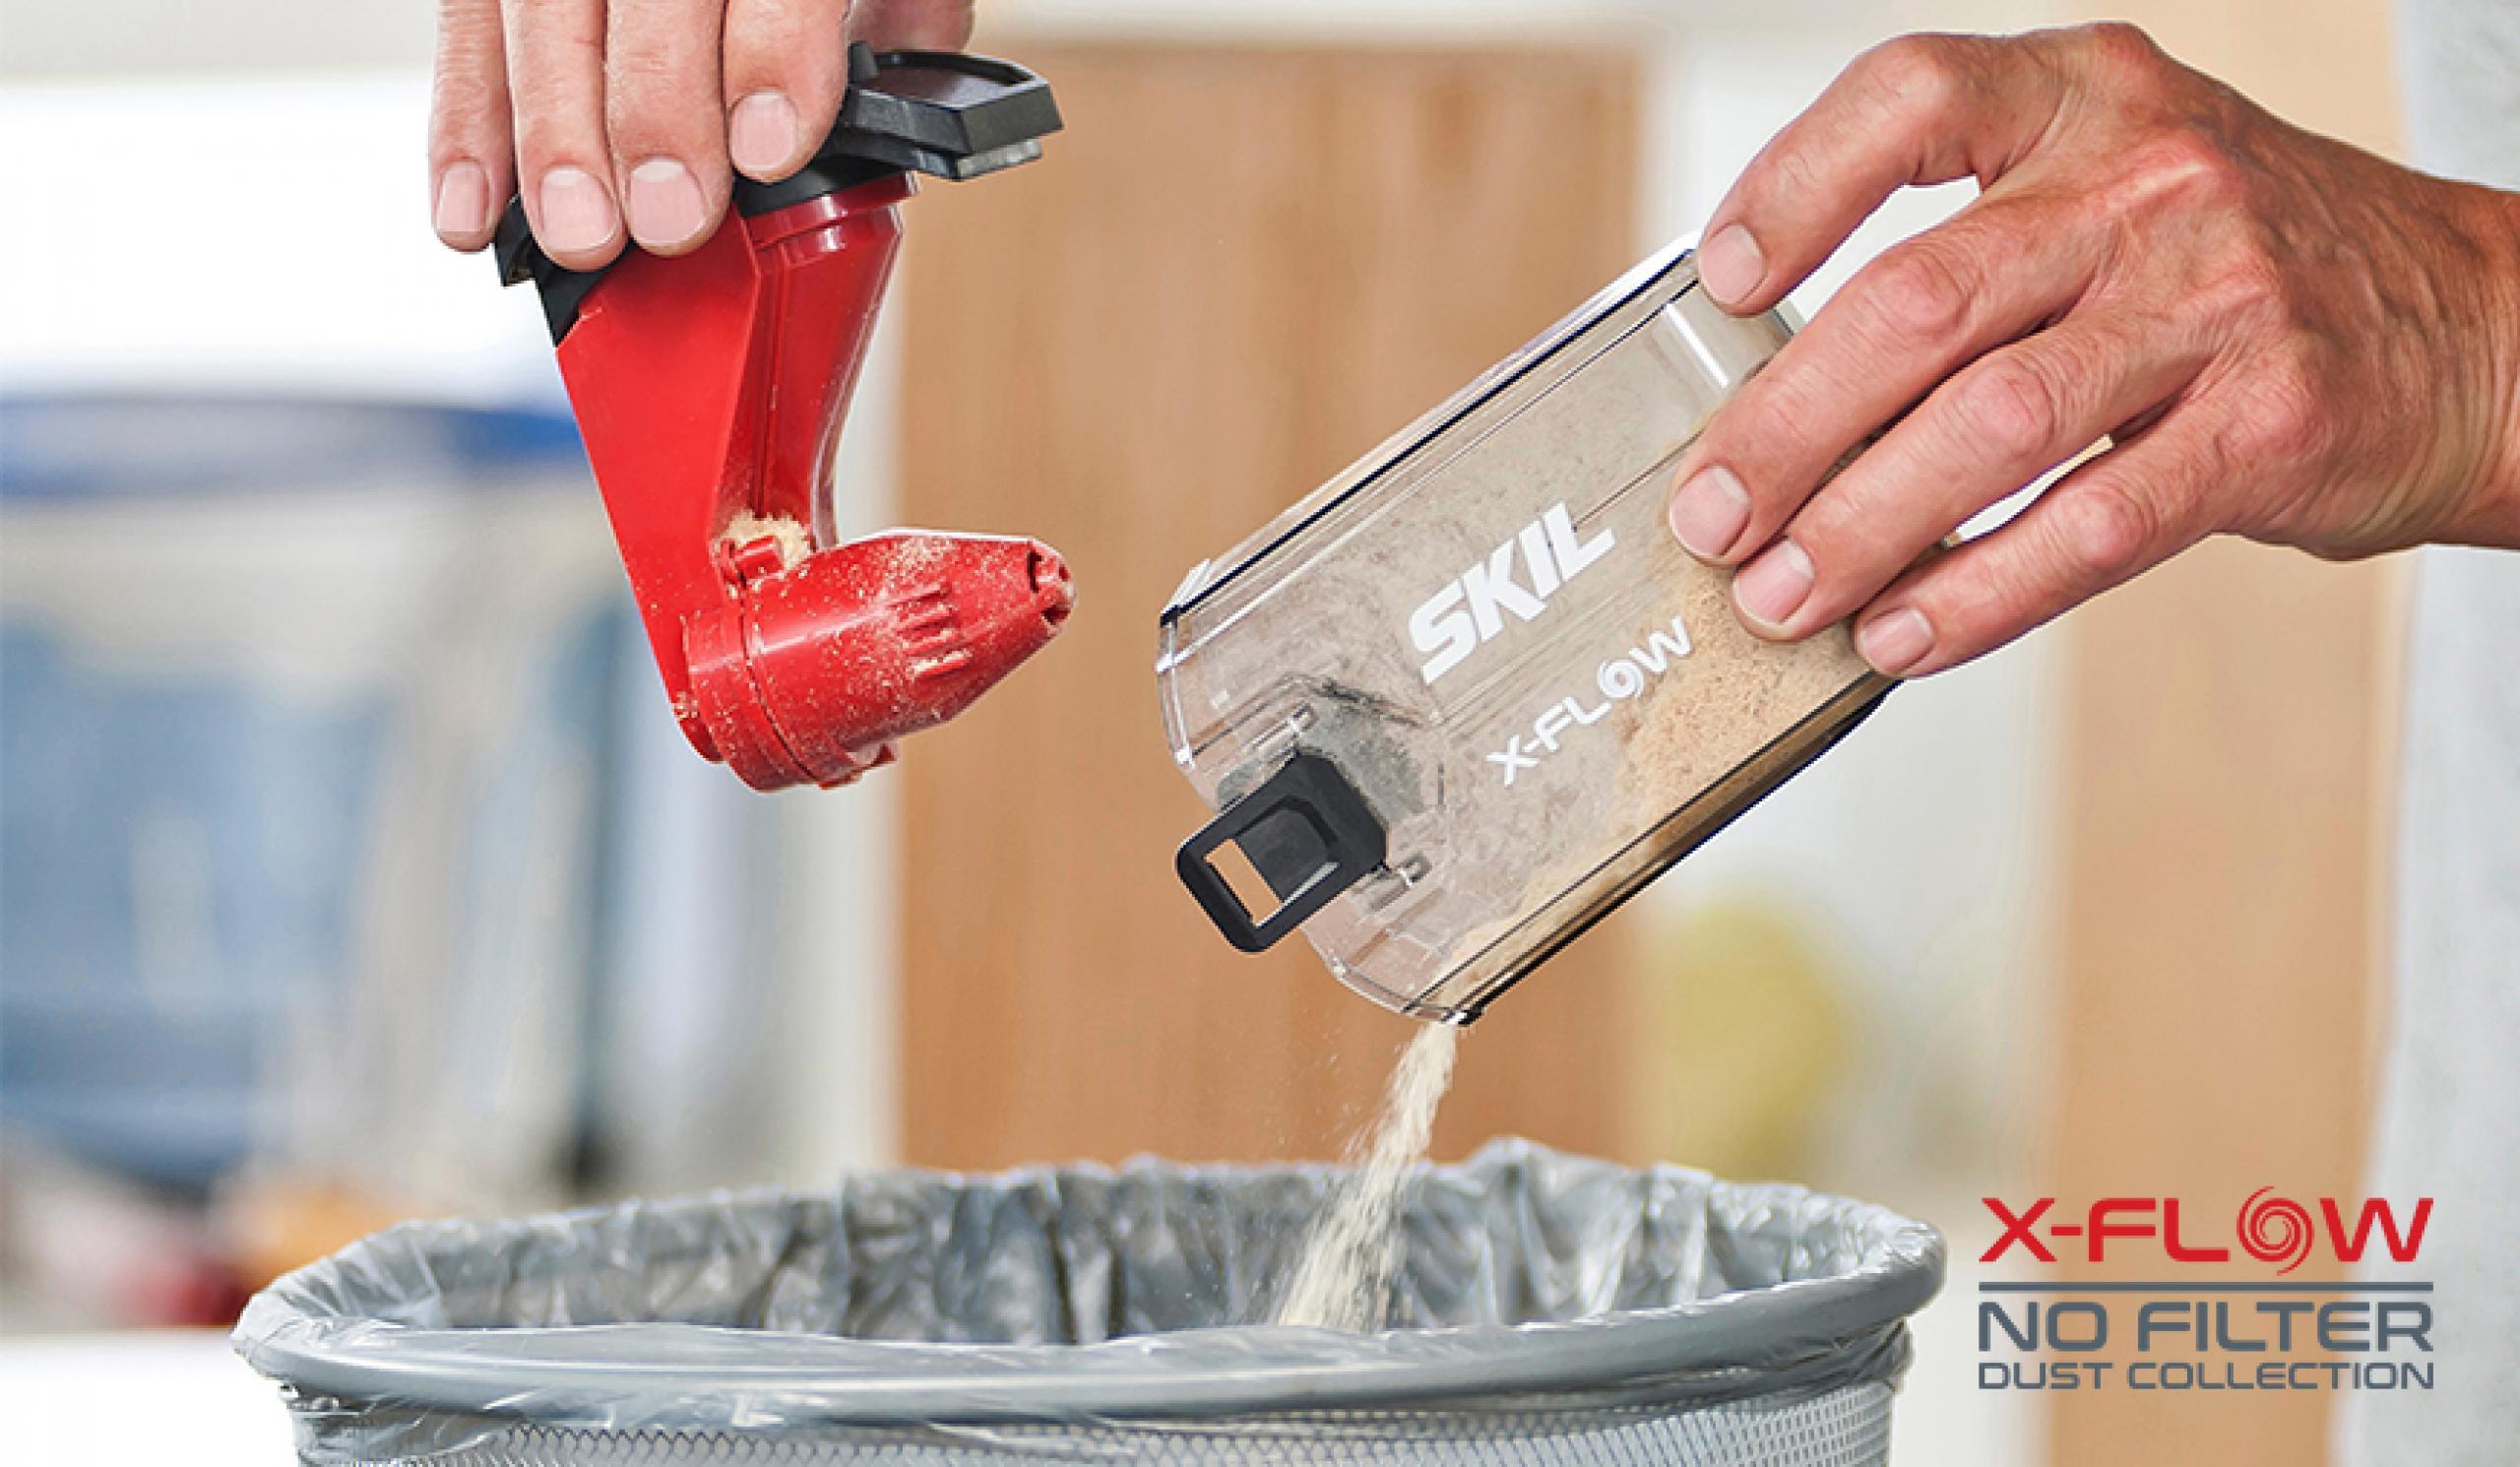 X-Flow omogućava snažno usisavanje prašine bez začepljivanja